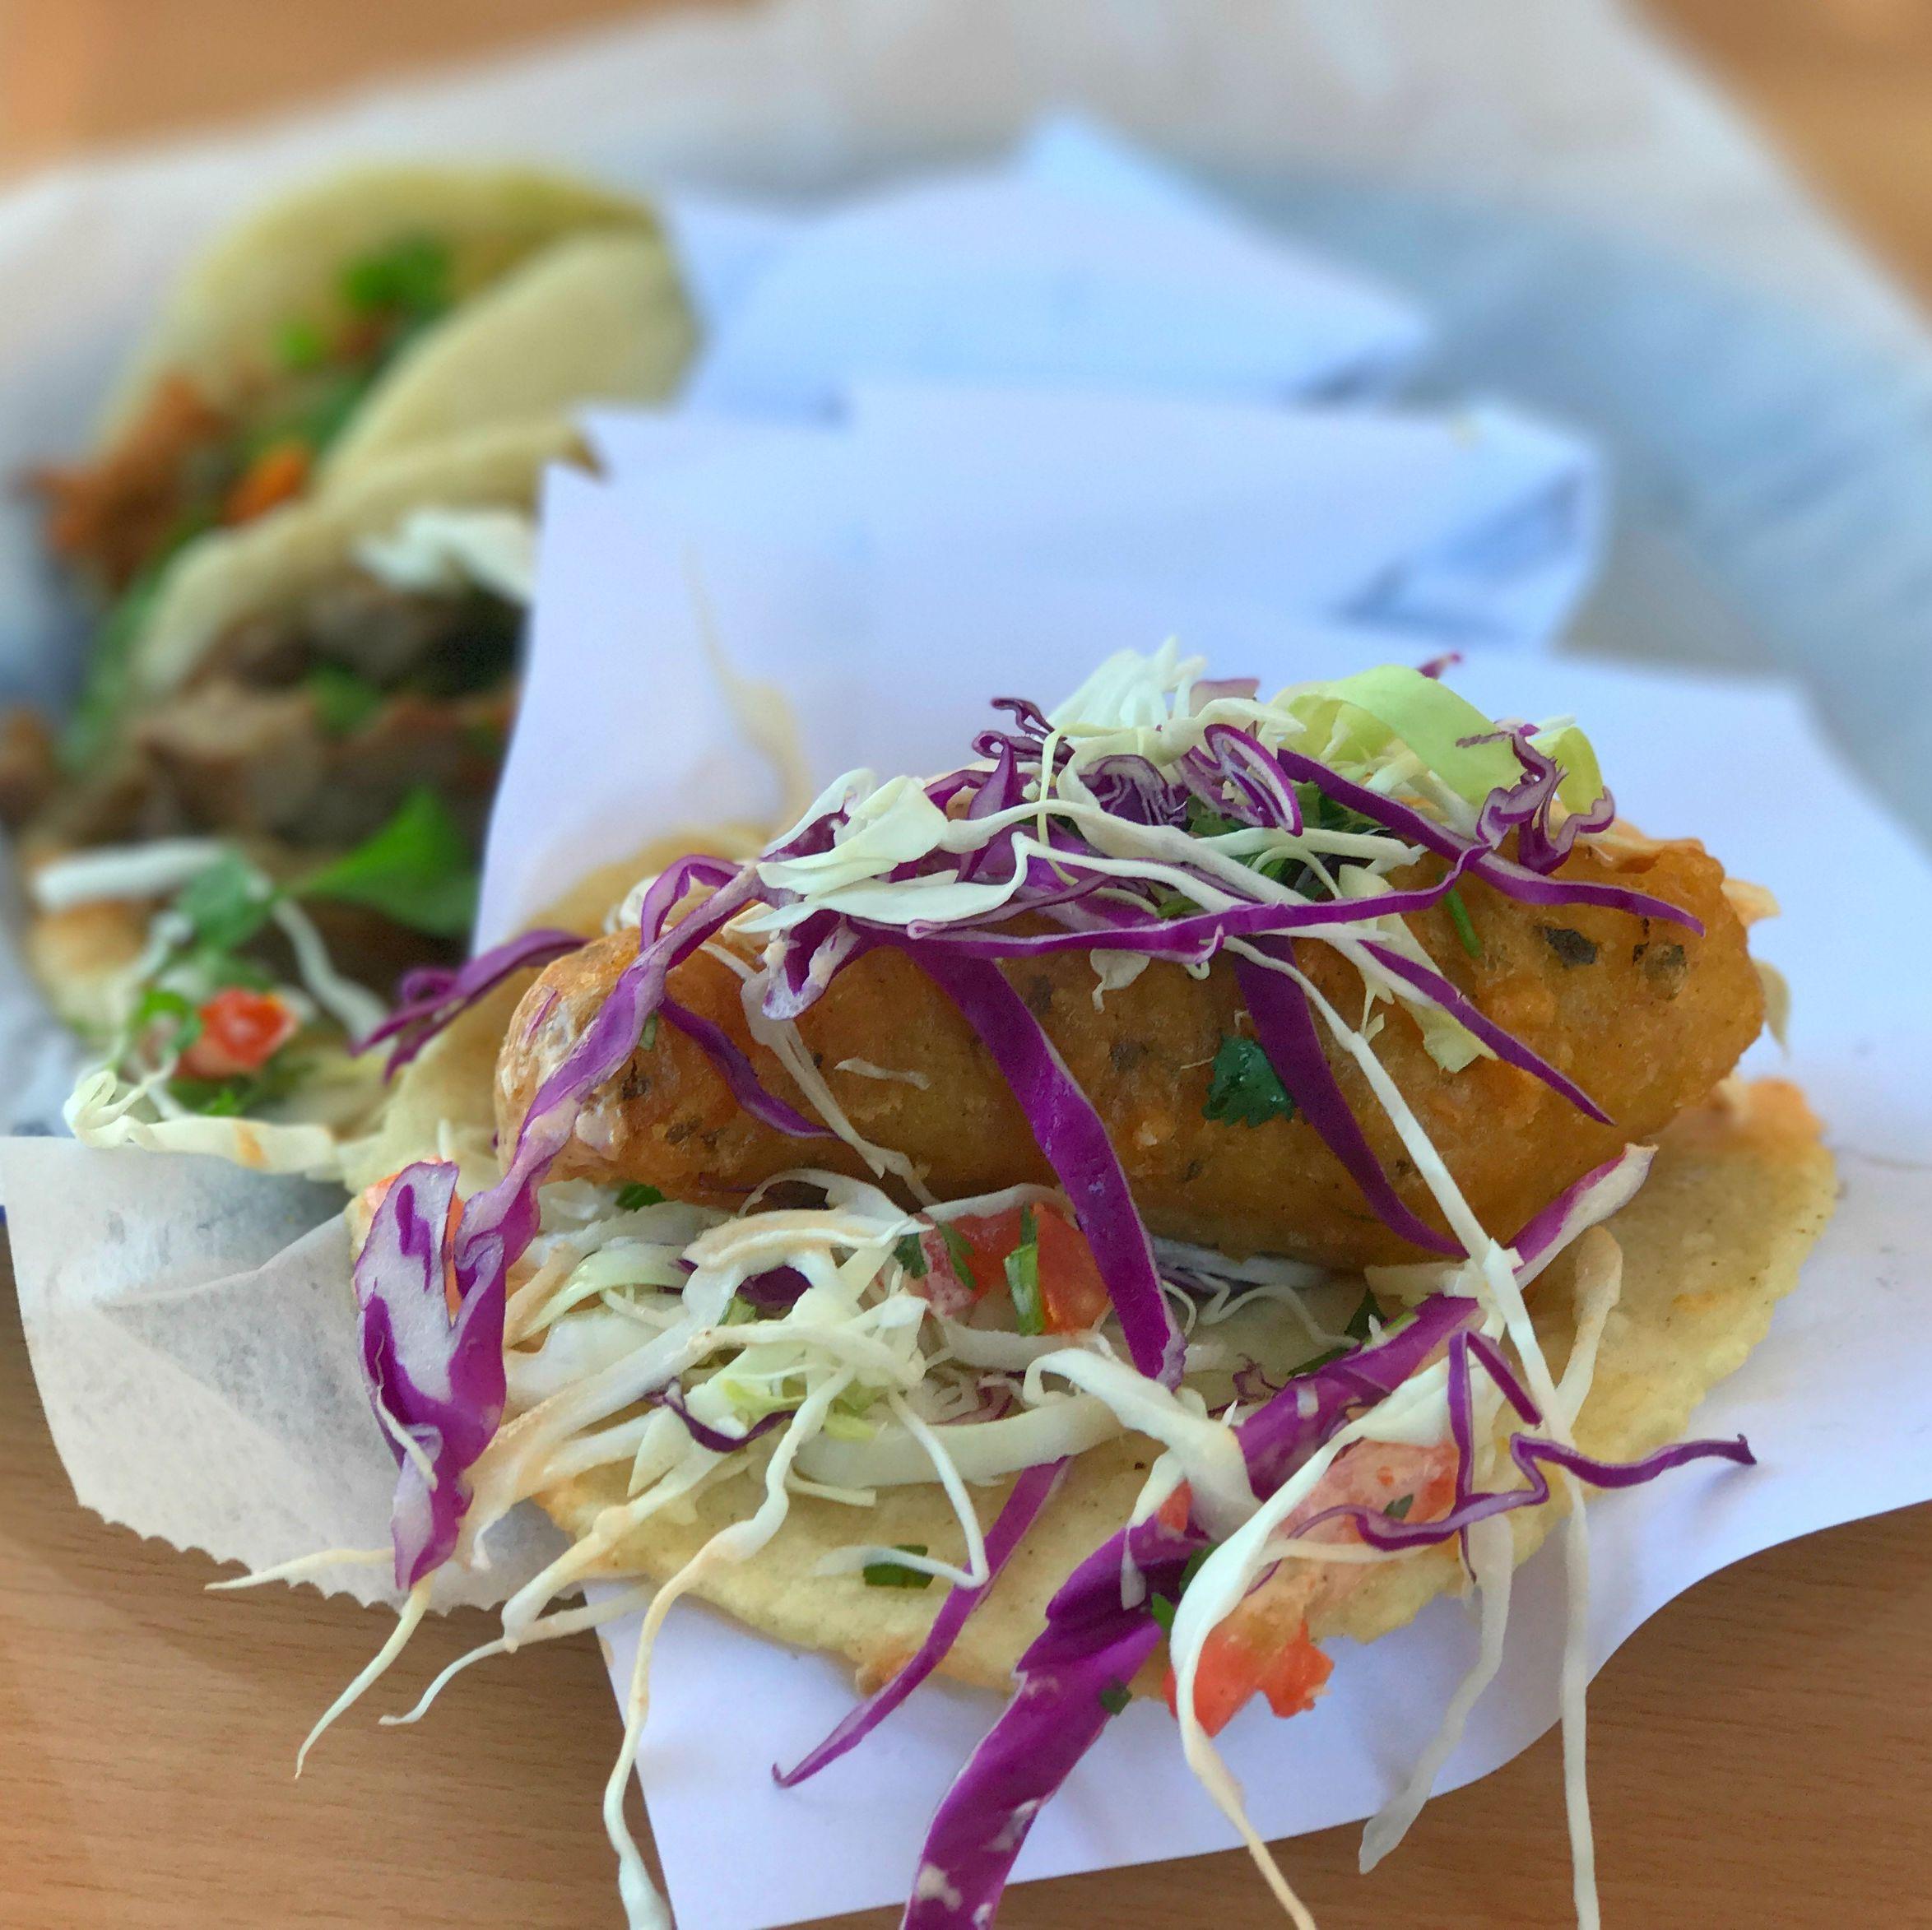 Tex-Mex Tuesday: Churros at Cabo Baja Tacos & Burritos | Houstonia